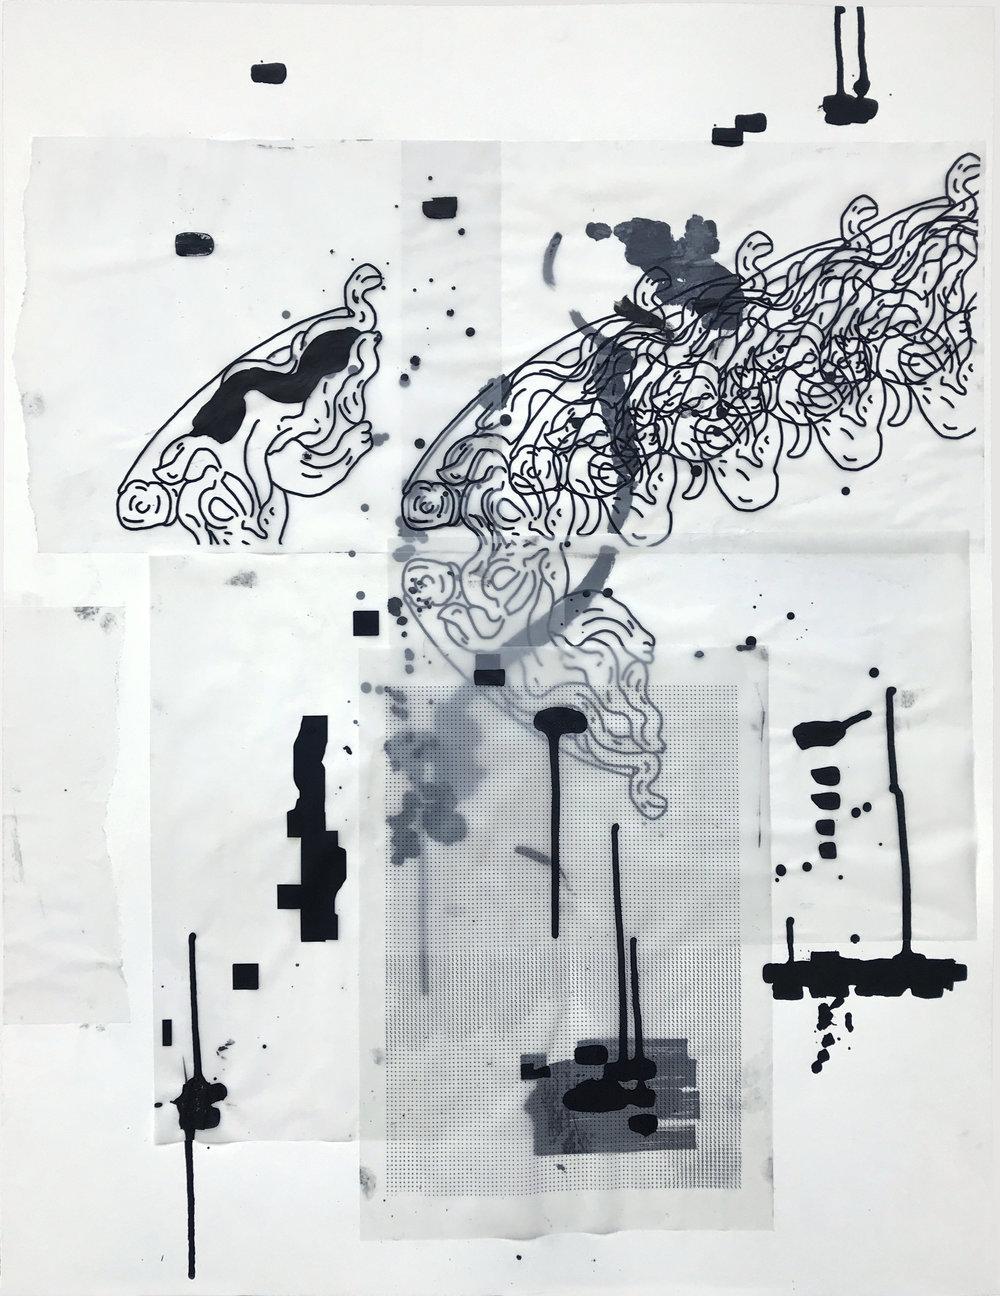 %22Detrás del espejo _ 16%22 - Técnica mixta sobre papel - 65 x 50 cm - Julián Brangold - 2018.jpg